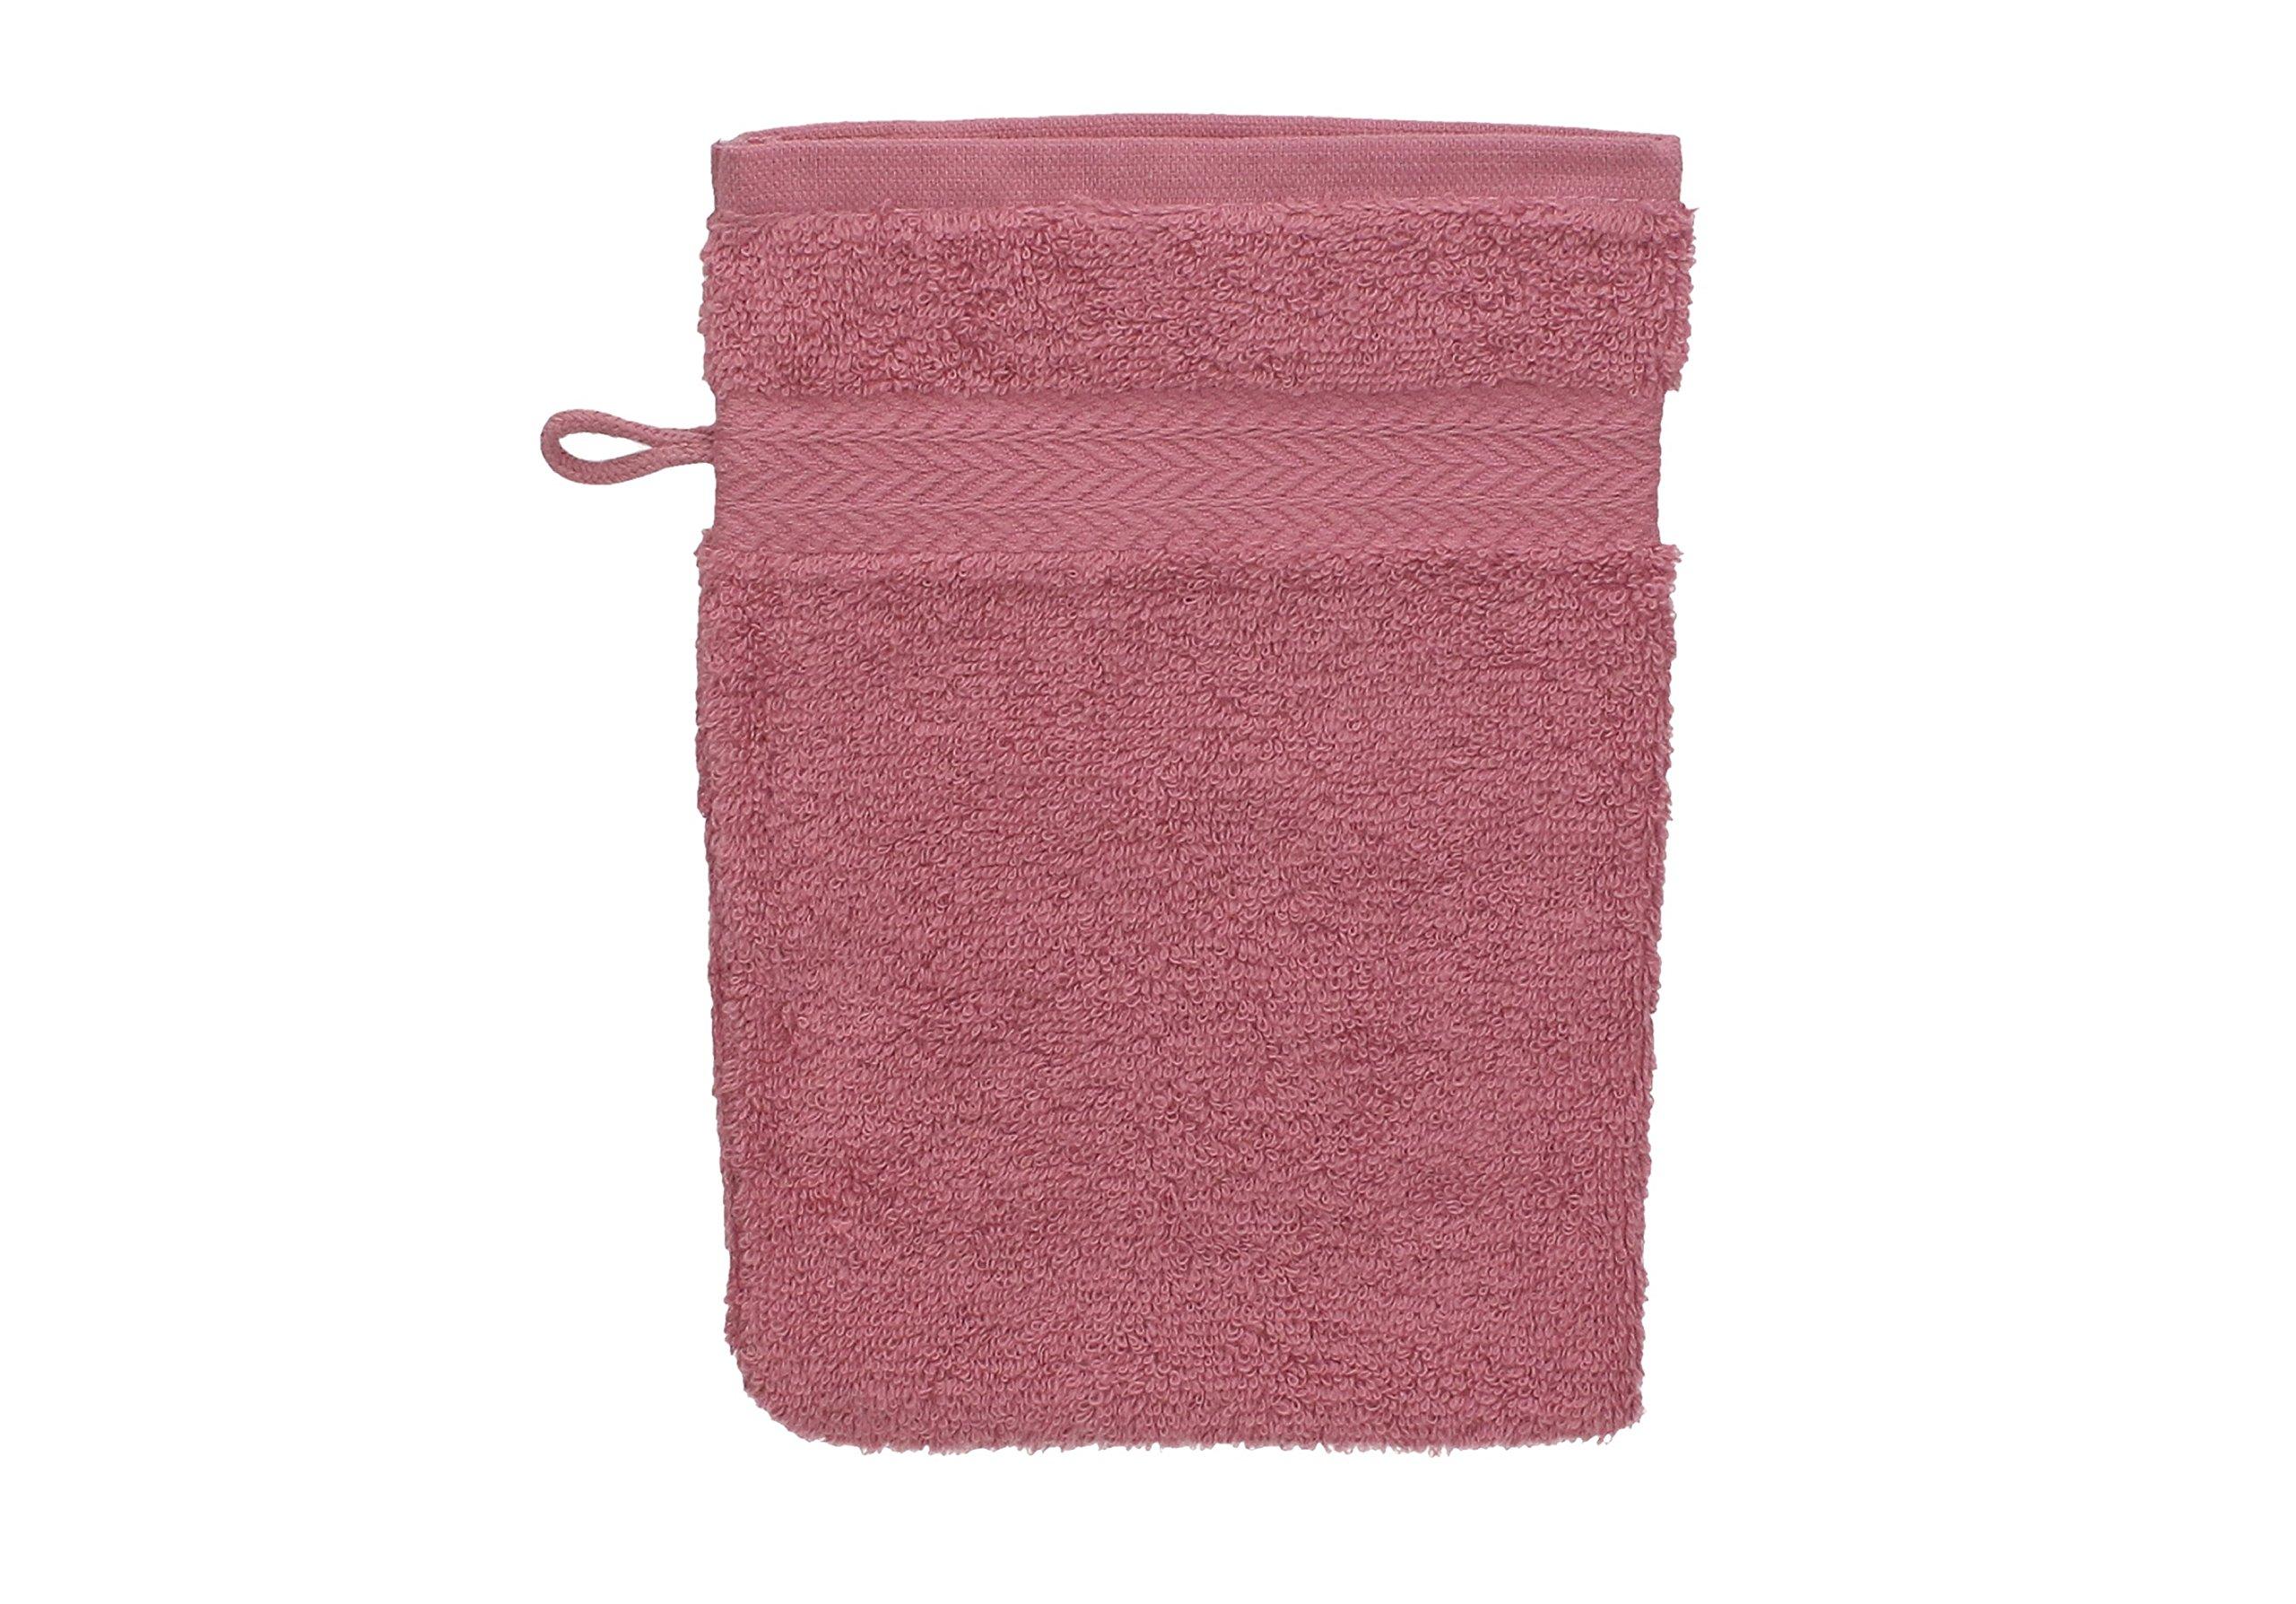 Betz Paquete de 10 Piezas de Manoplas de baño Guantes para lavarse tamaño 16x21 cm Colgador de cordón 100% algodón Premium de Color Rosa y Rojo Oscuro: Amazon.es: Hogar